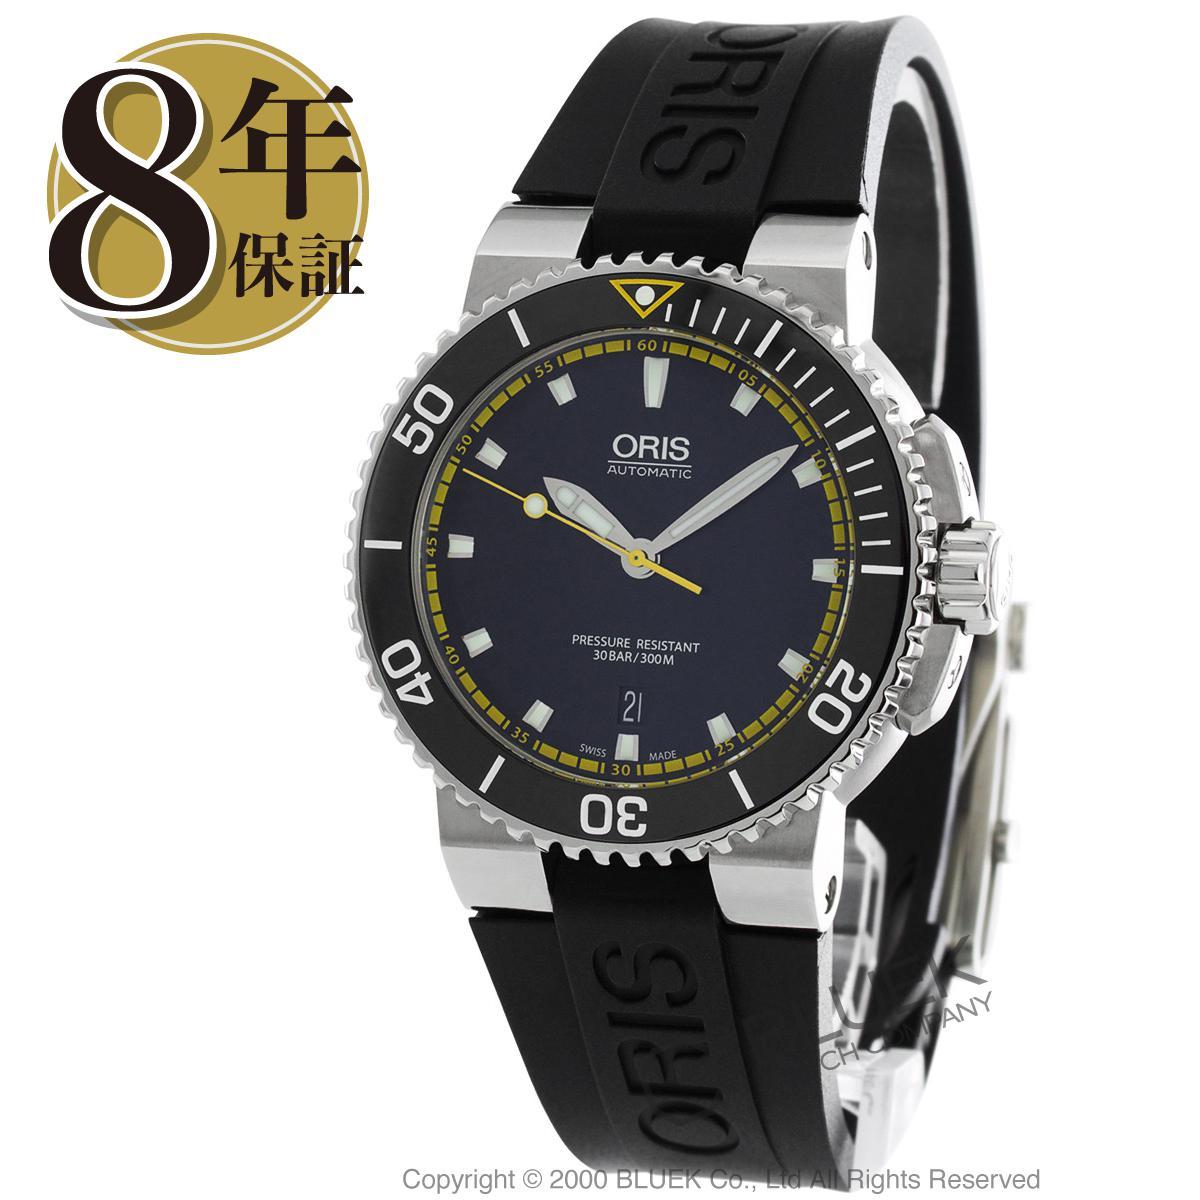 オリス ORIS 腕時計 アクイス デイト 300m防水 メンズ 733 7653 4127R_8